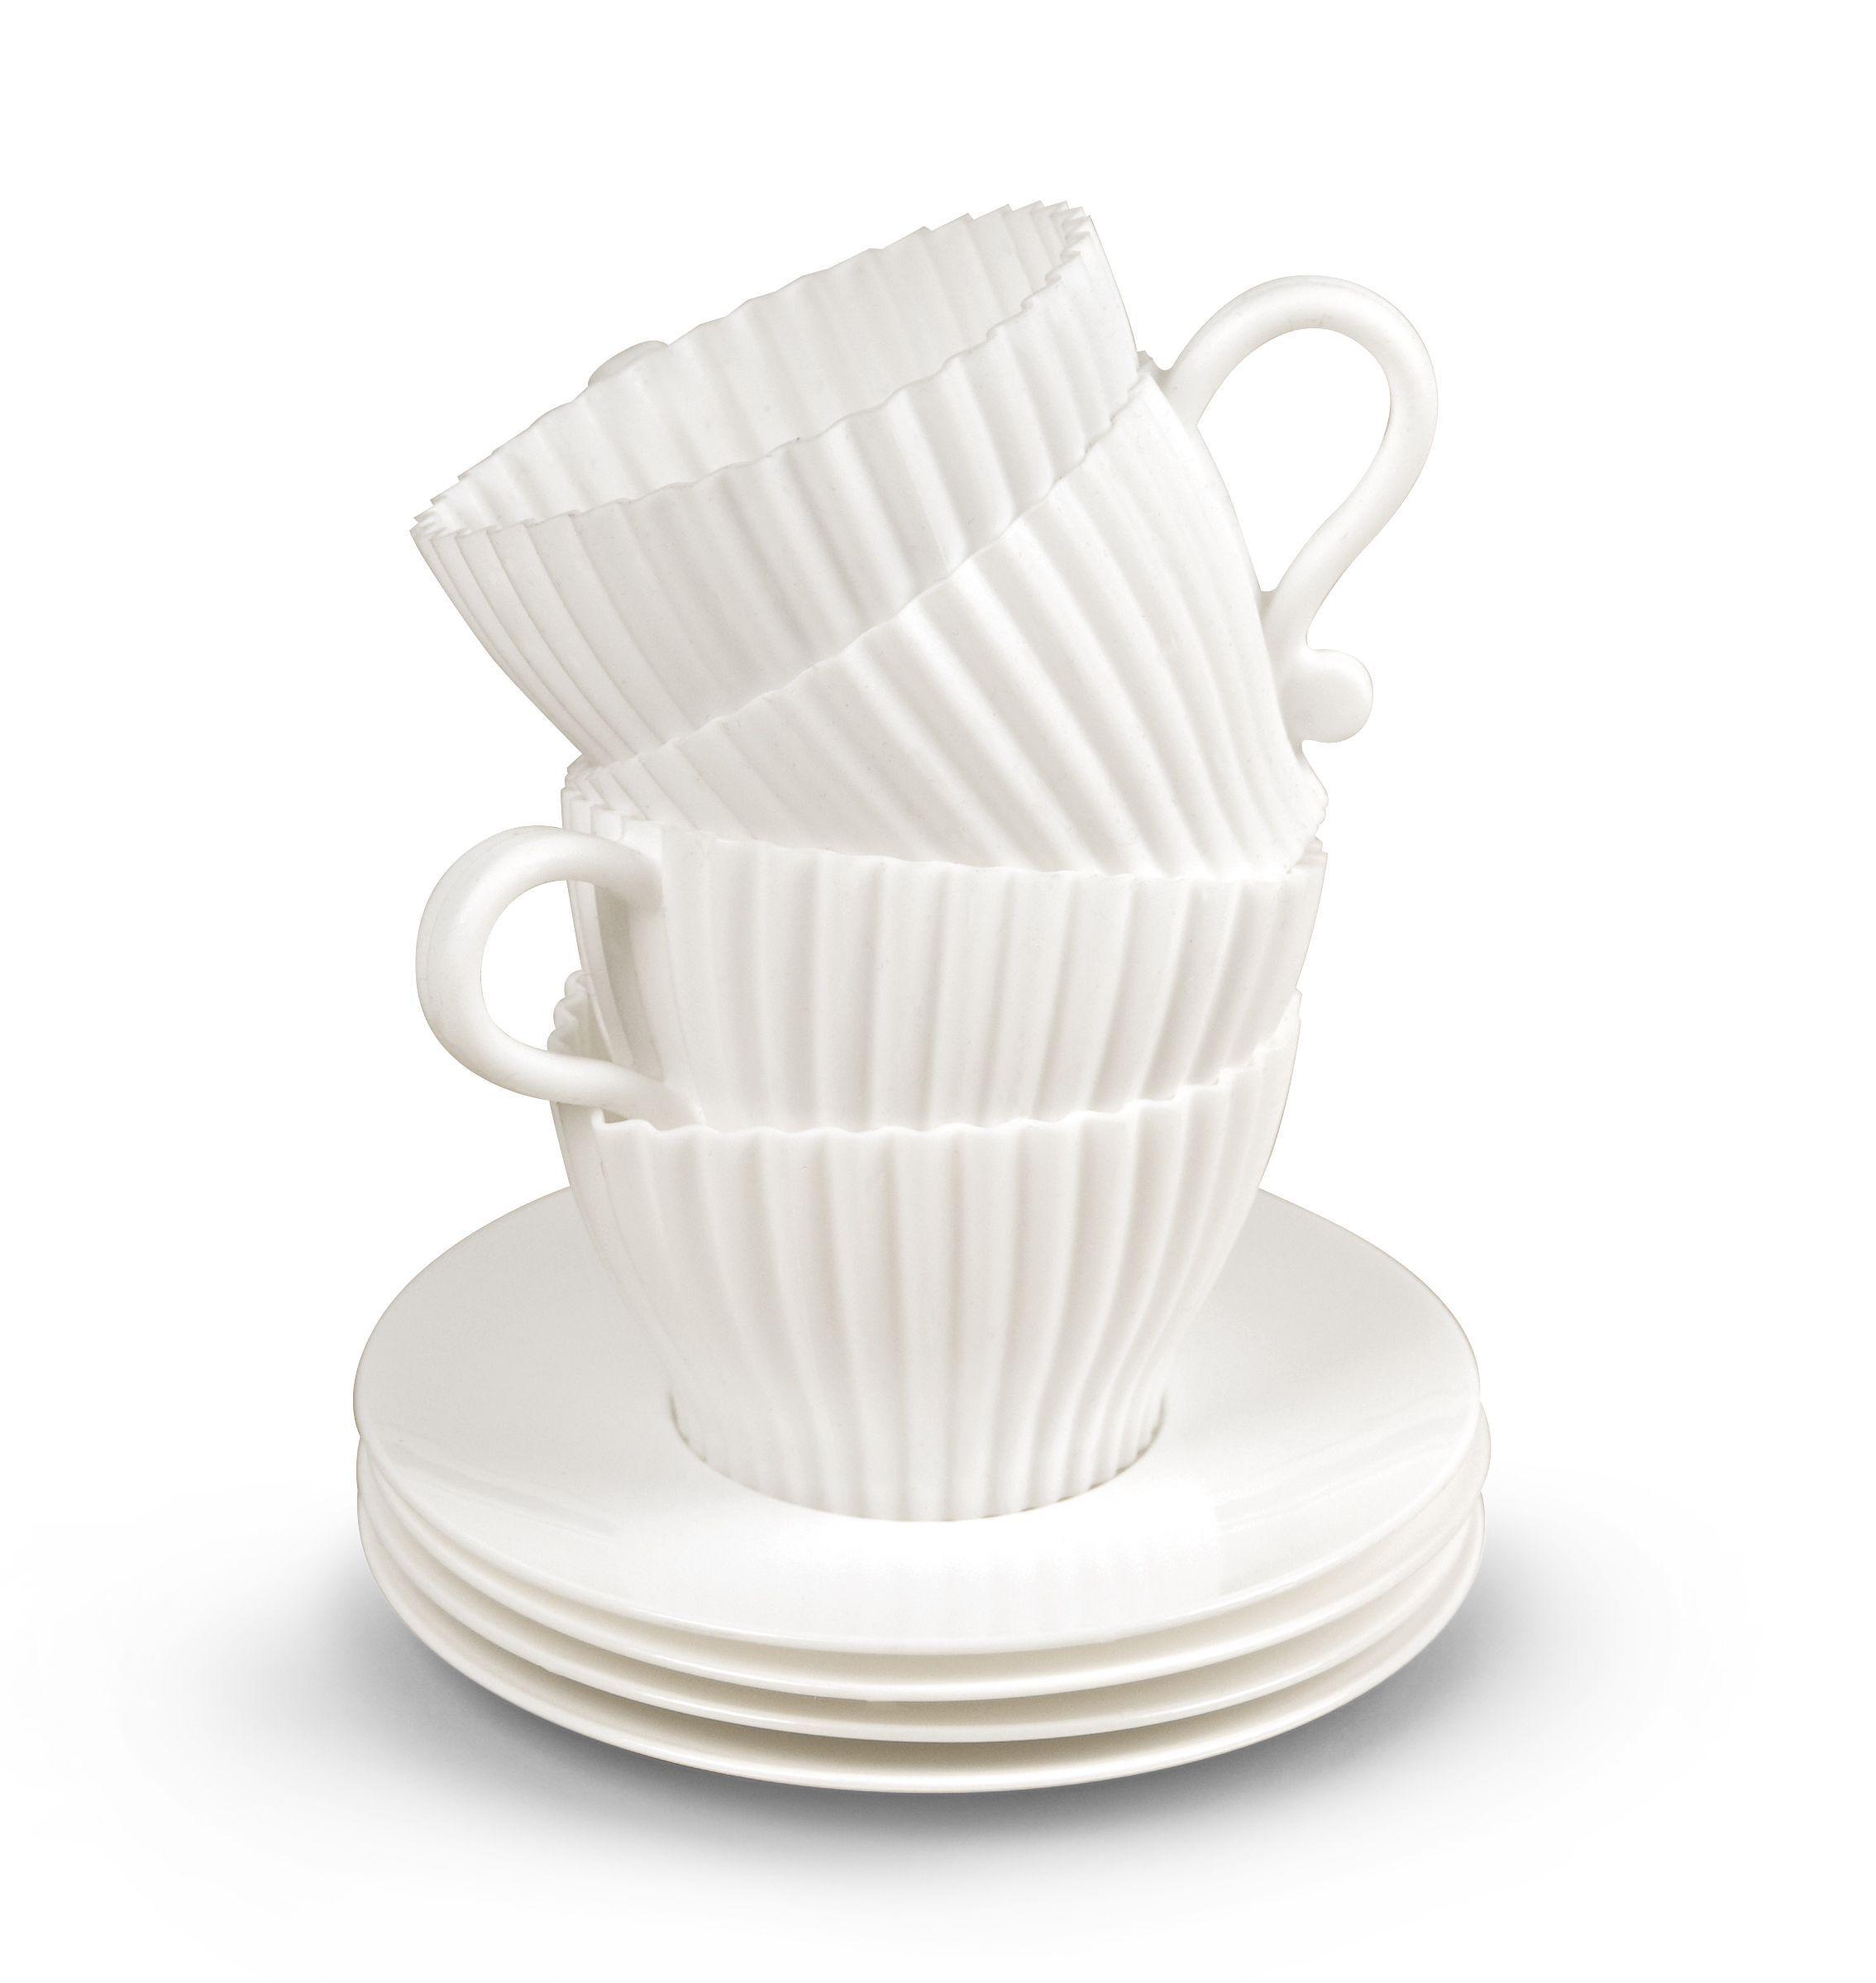 Купить со скидкой Форма для выпечки TeaCupCakes